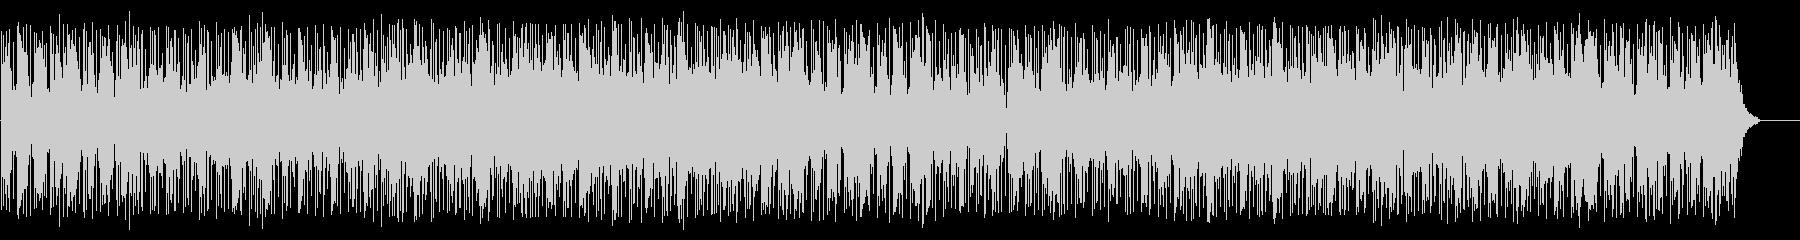 クルーズする優雅なポップ(フルサイズ)の未再生の波形